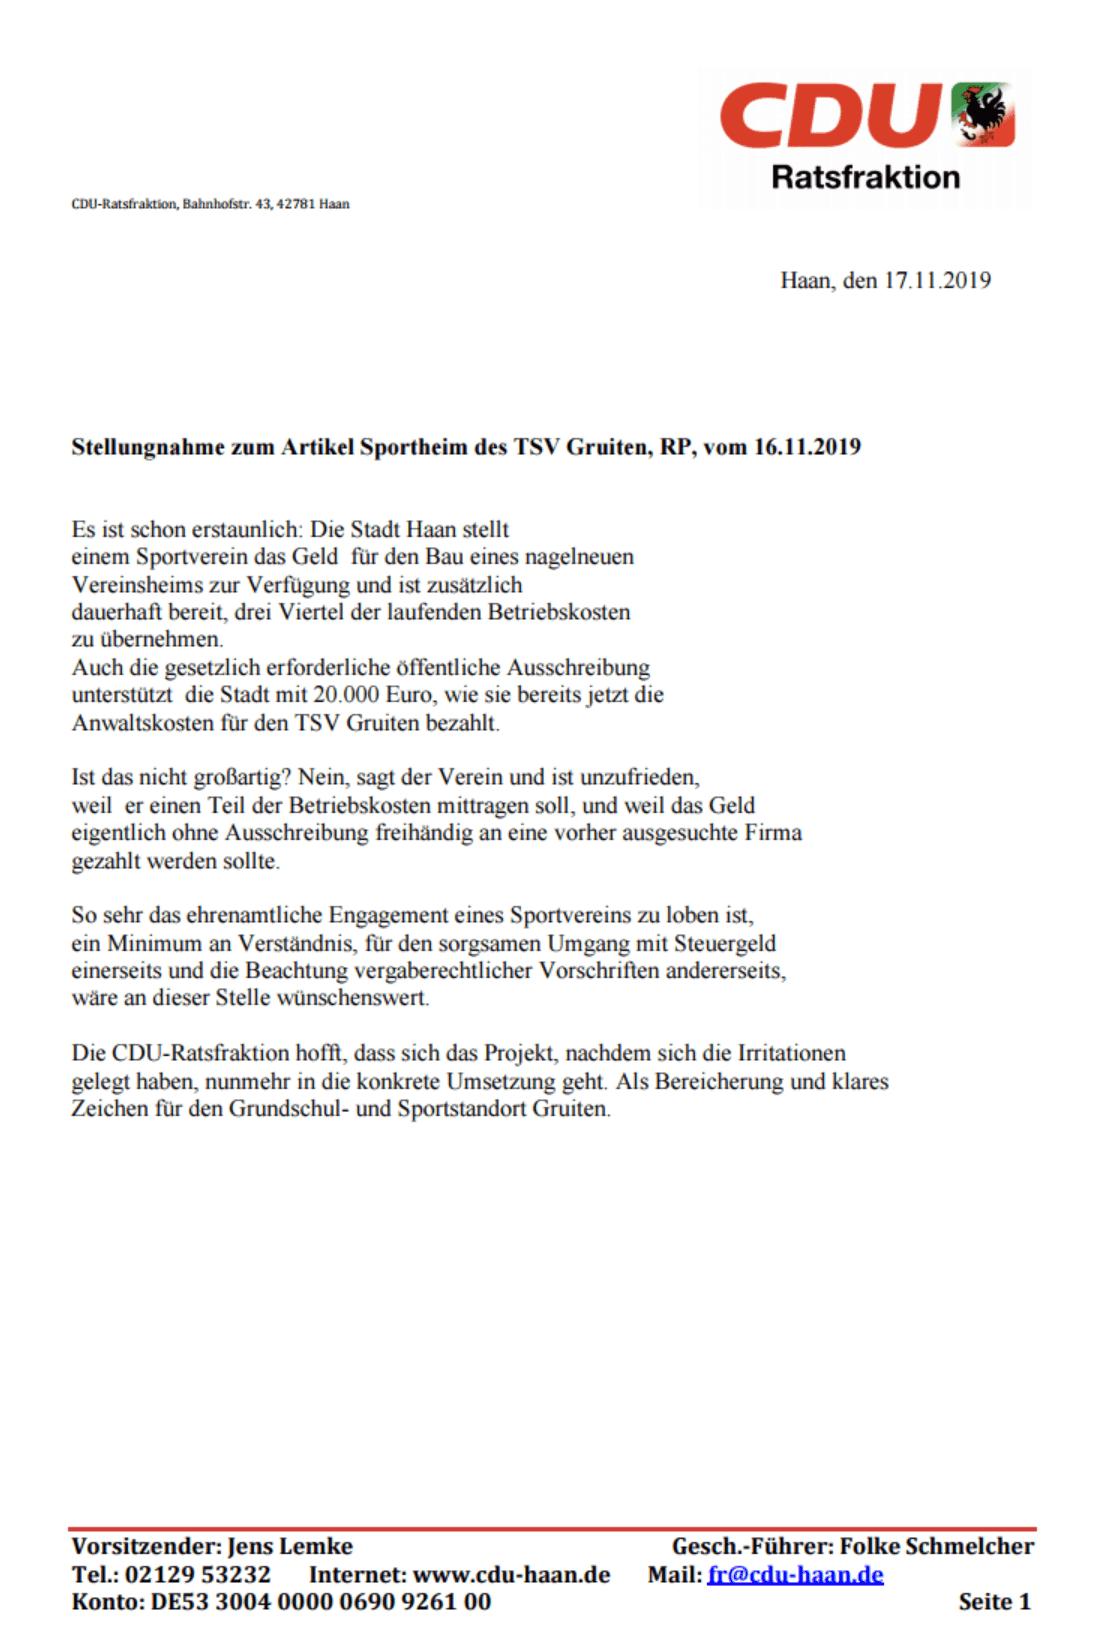 19.11.2019 Stellungnahme zum Artikel Sportheim des TSV Gruiten, RP, vom 16.11.2019